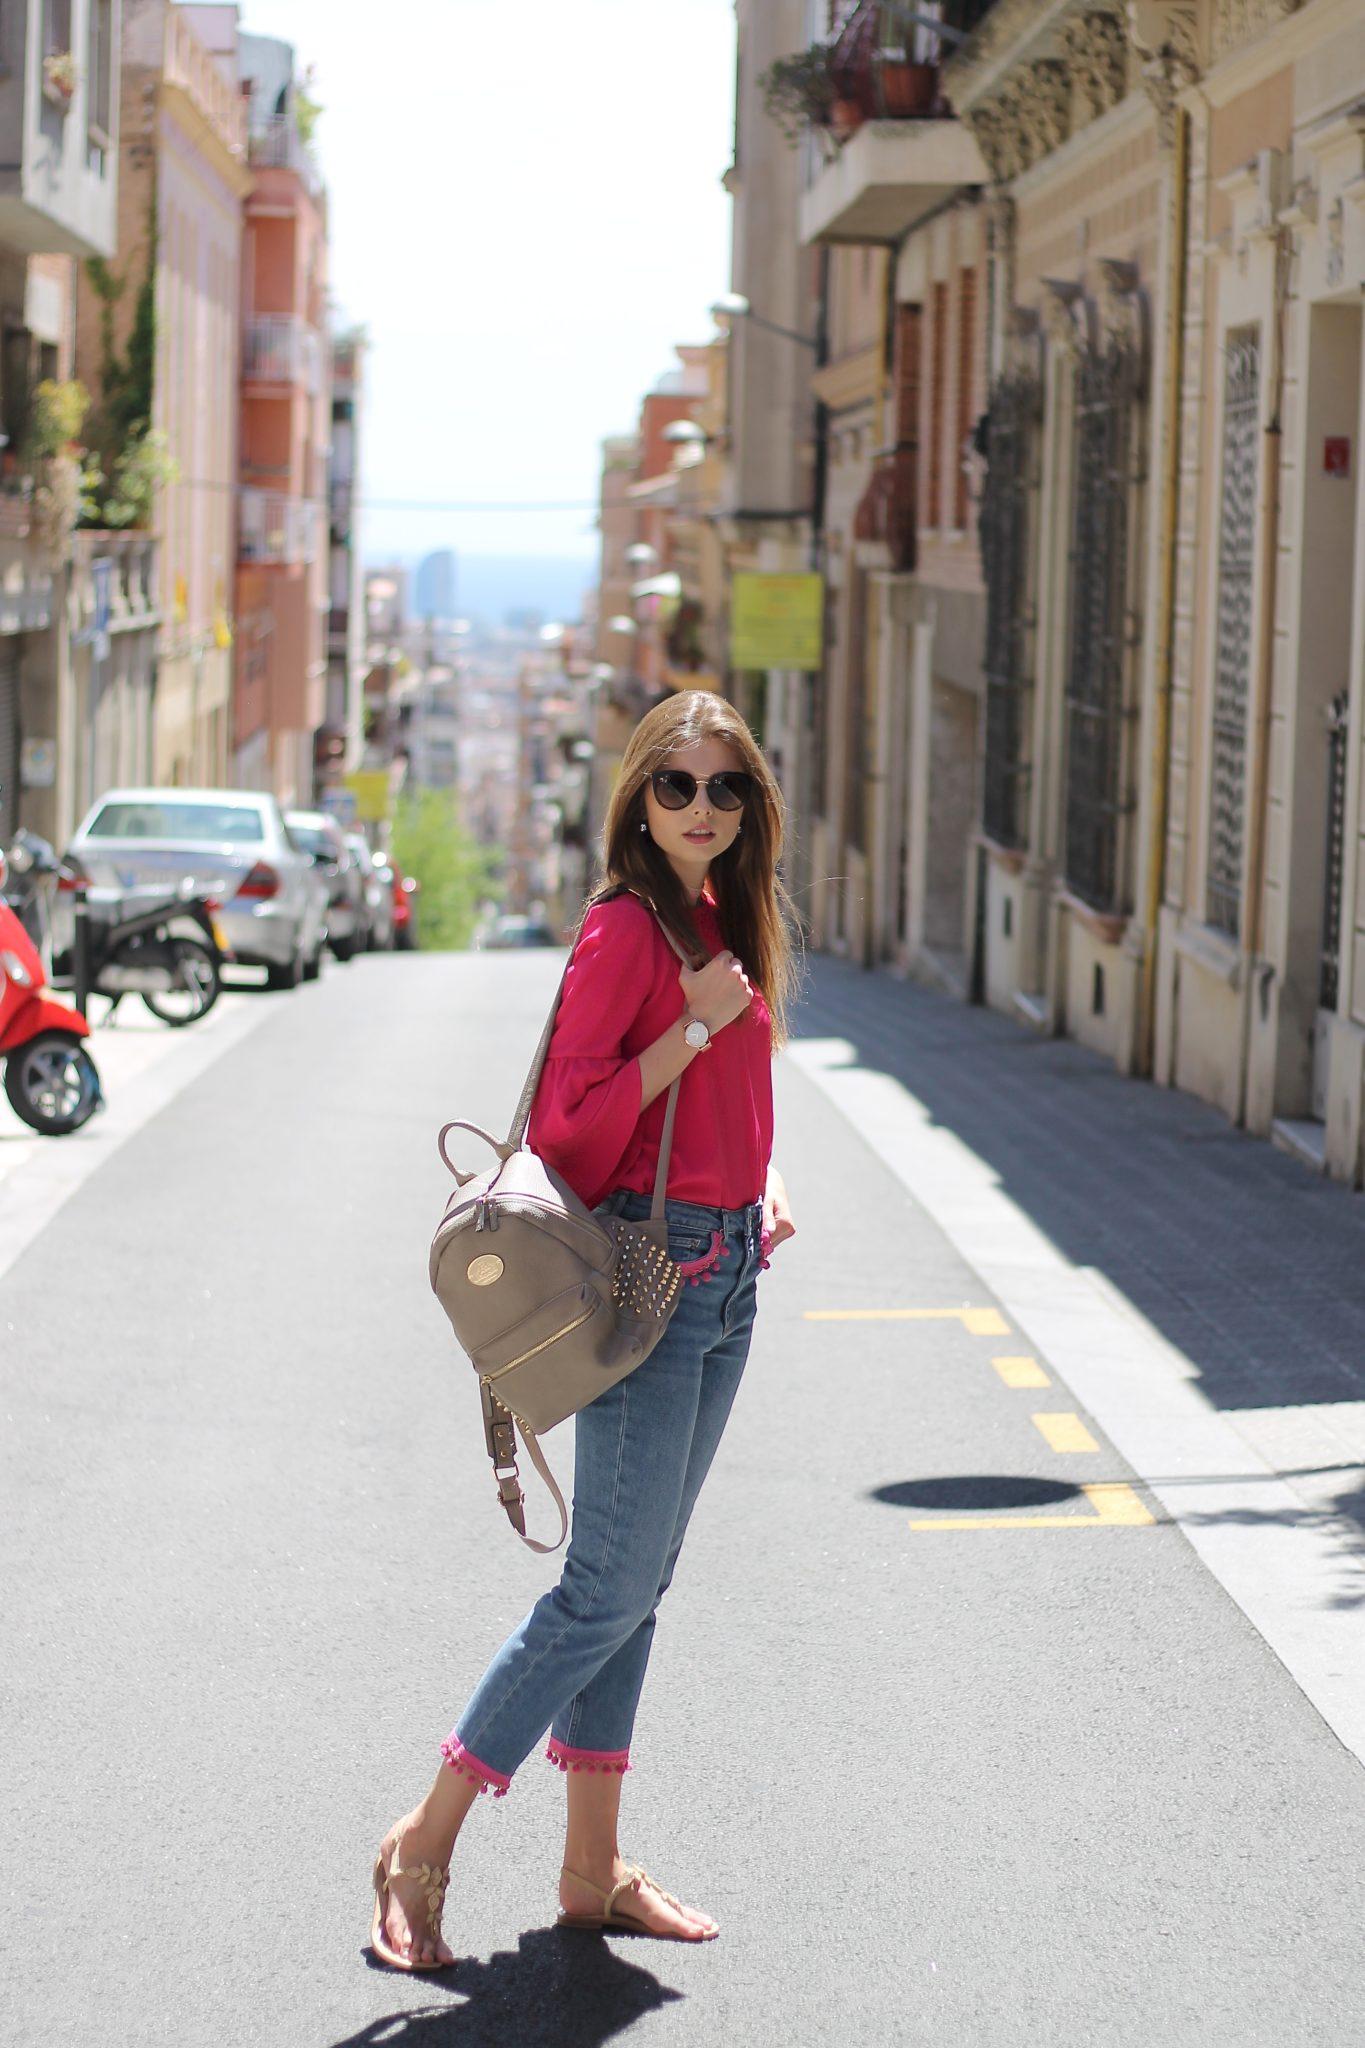 IMG 5290 - BARCELONA STREET STYLE